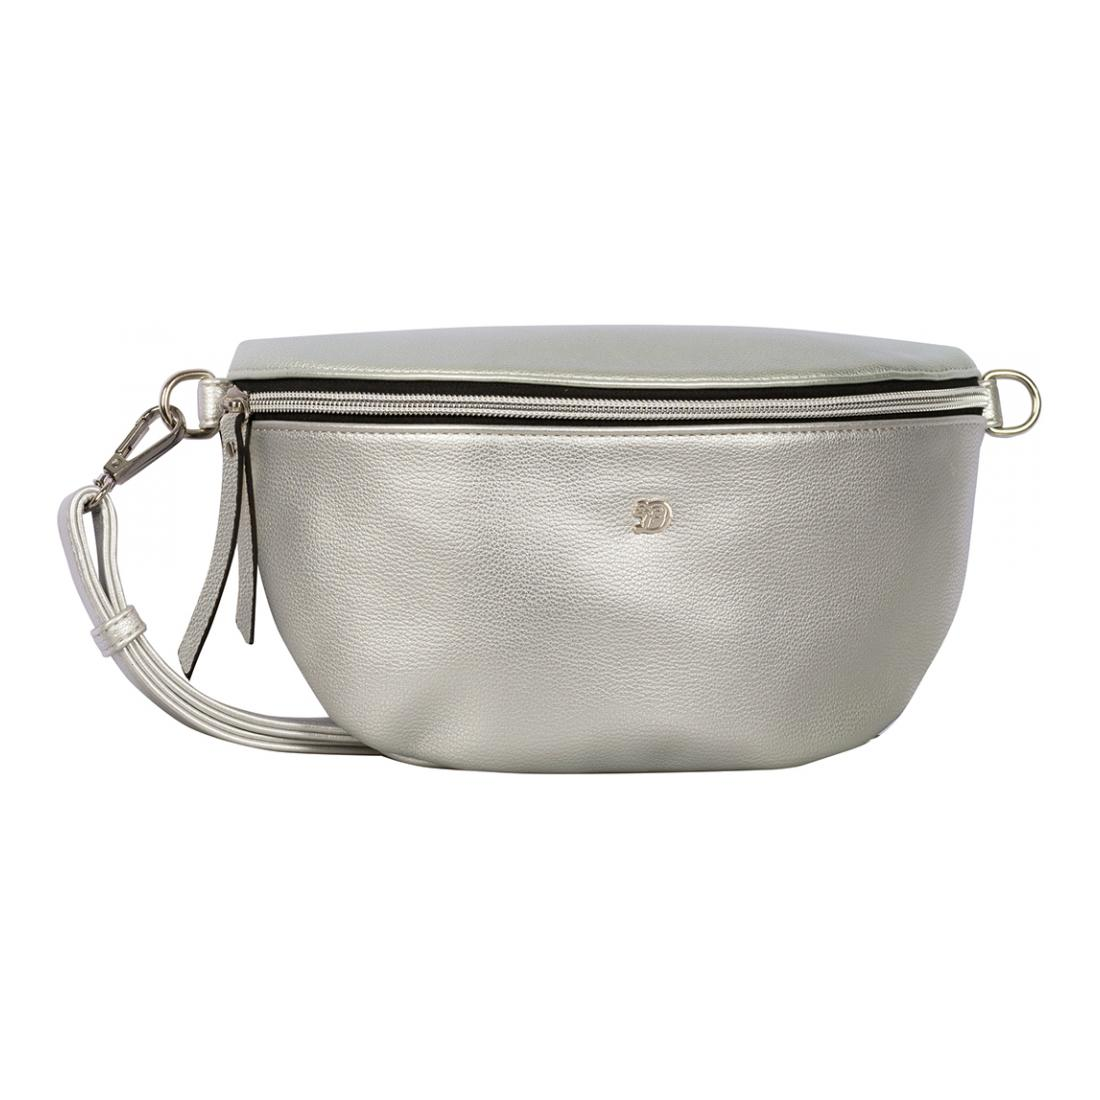 Tom Tailor Tasche ROSIE Beltbag